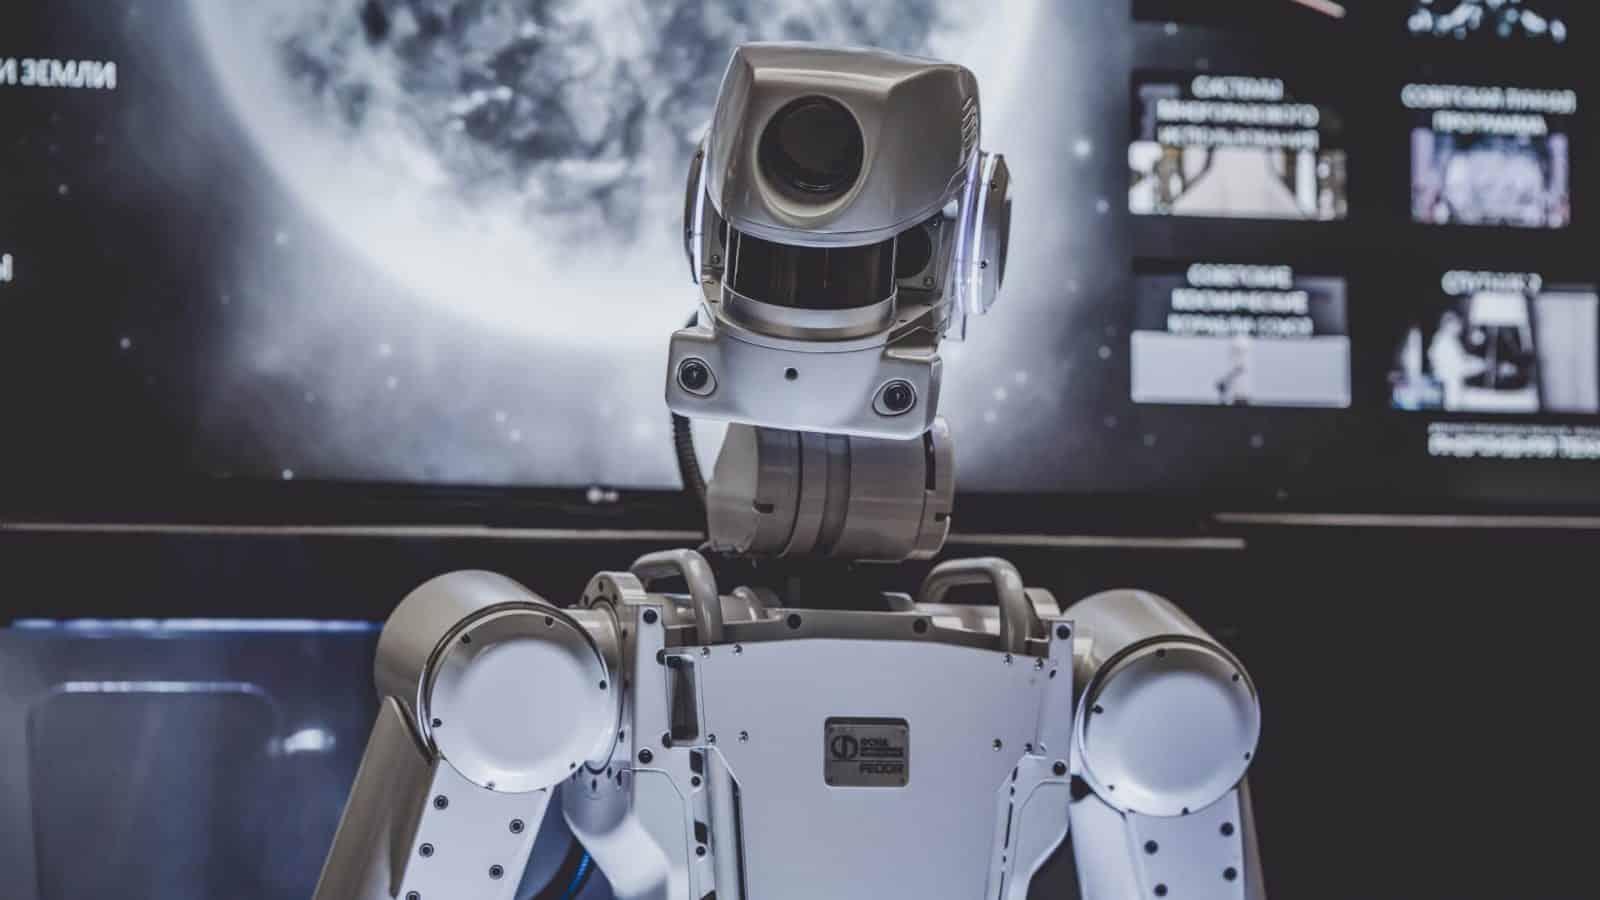 IA eventualmente se tornará tão inteligente que vai considerar os humanos perigosos para ela e resolver nos exterminar